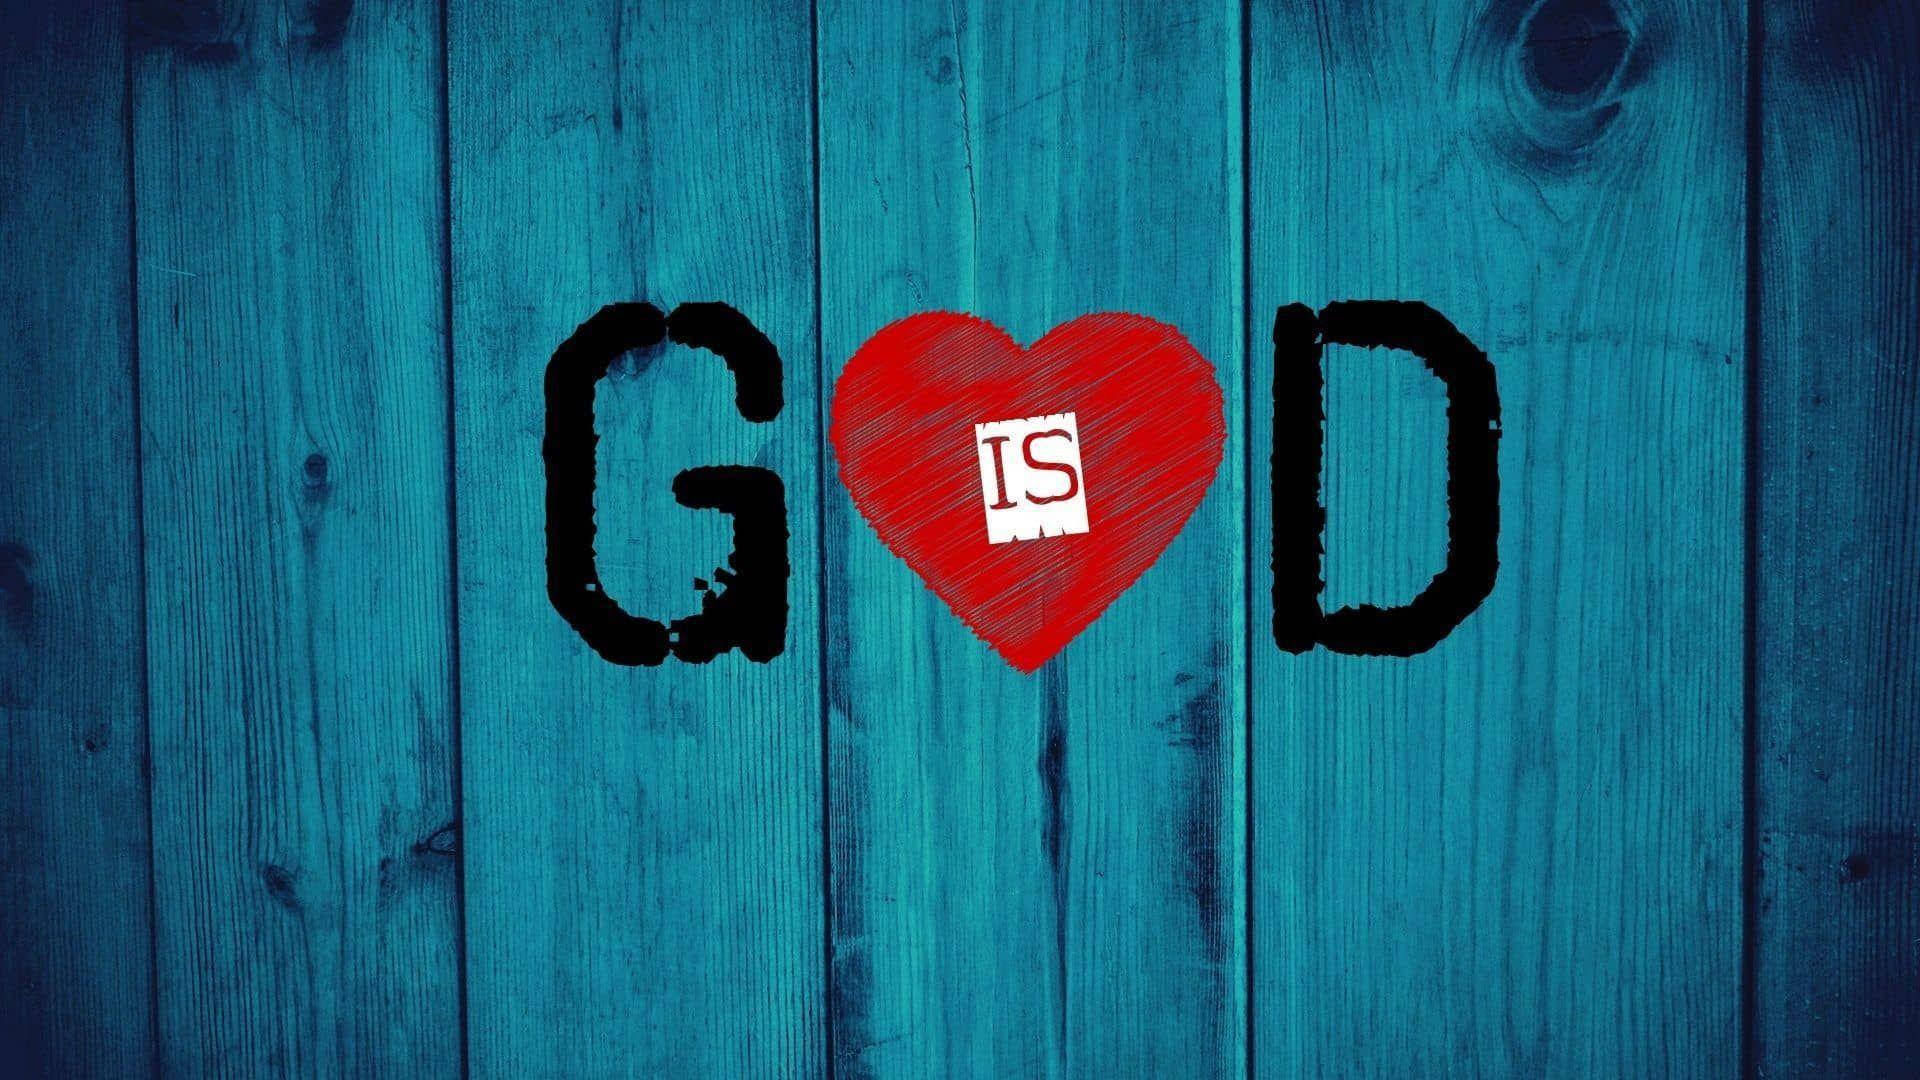 Pin On Gods House God is love wallpaper black